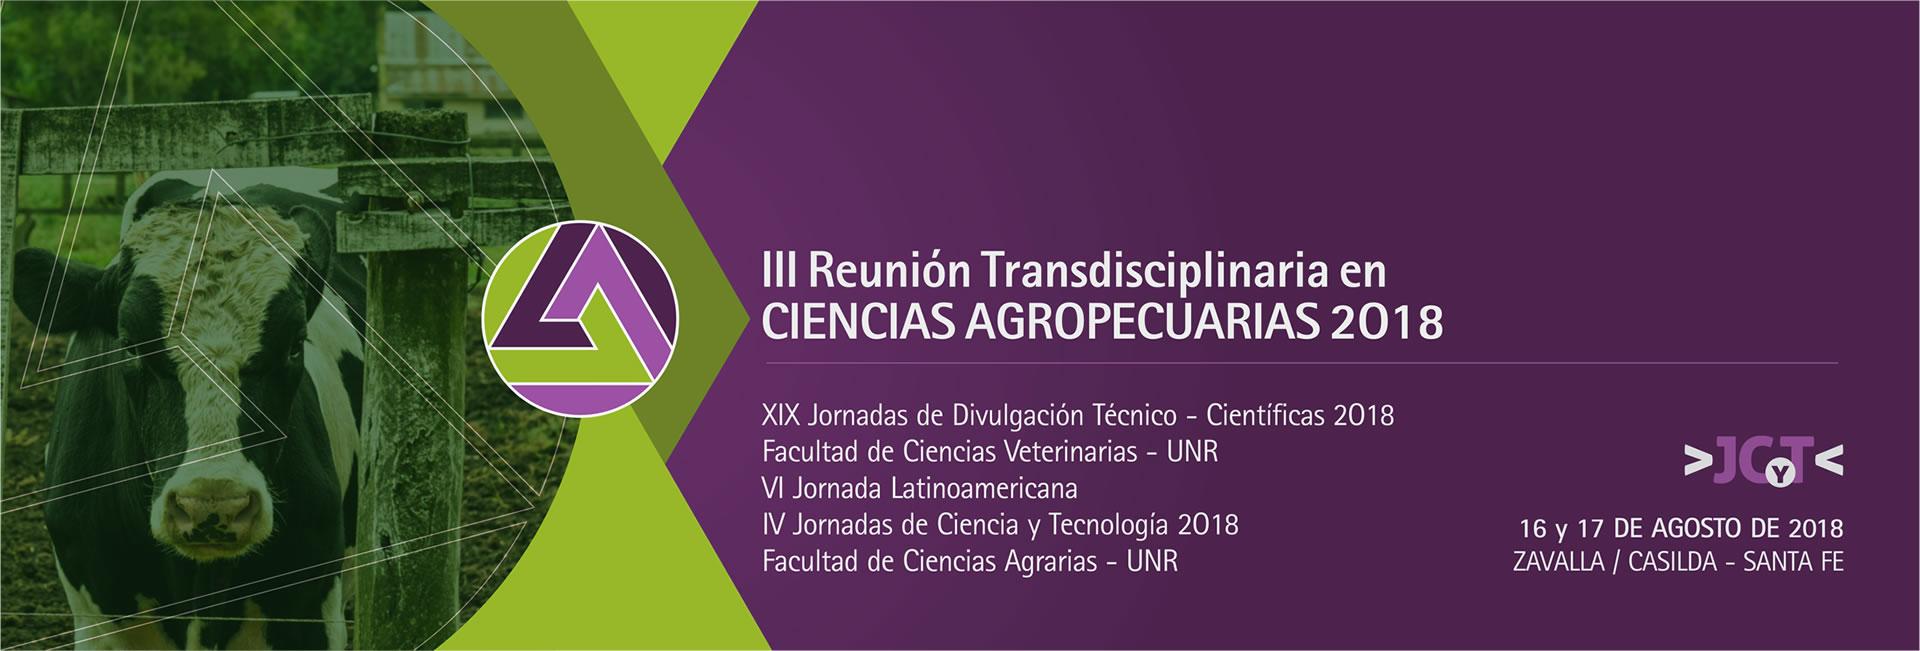 Jornada Ciencia y Técnica 2018 – Facultad de Ciencias Agrarias